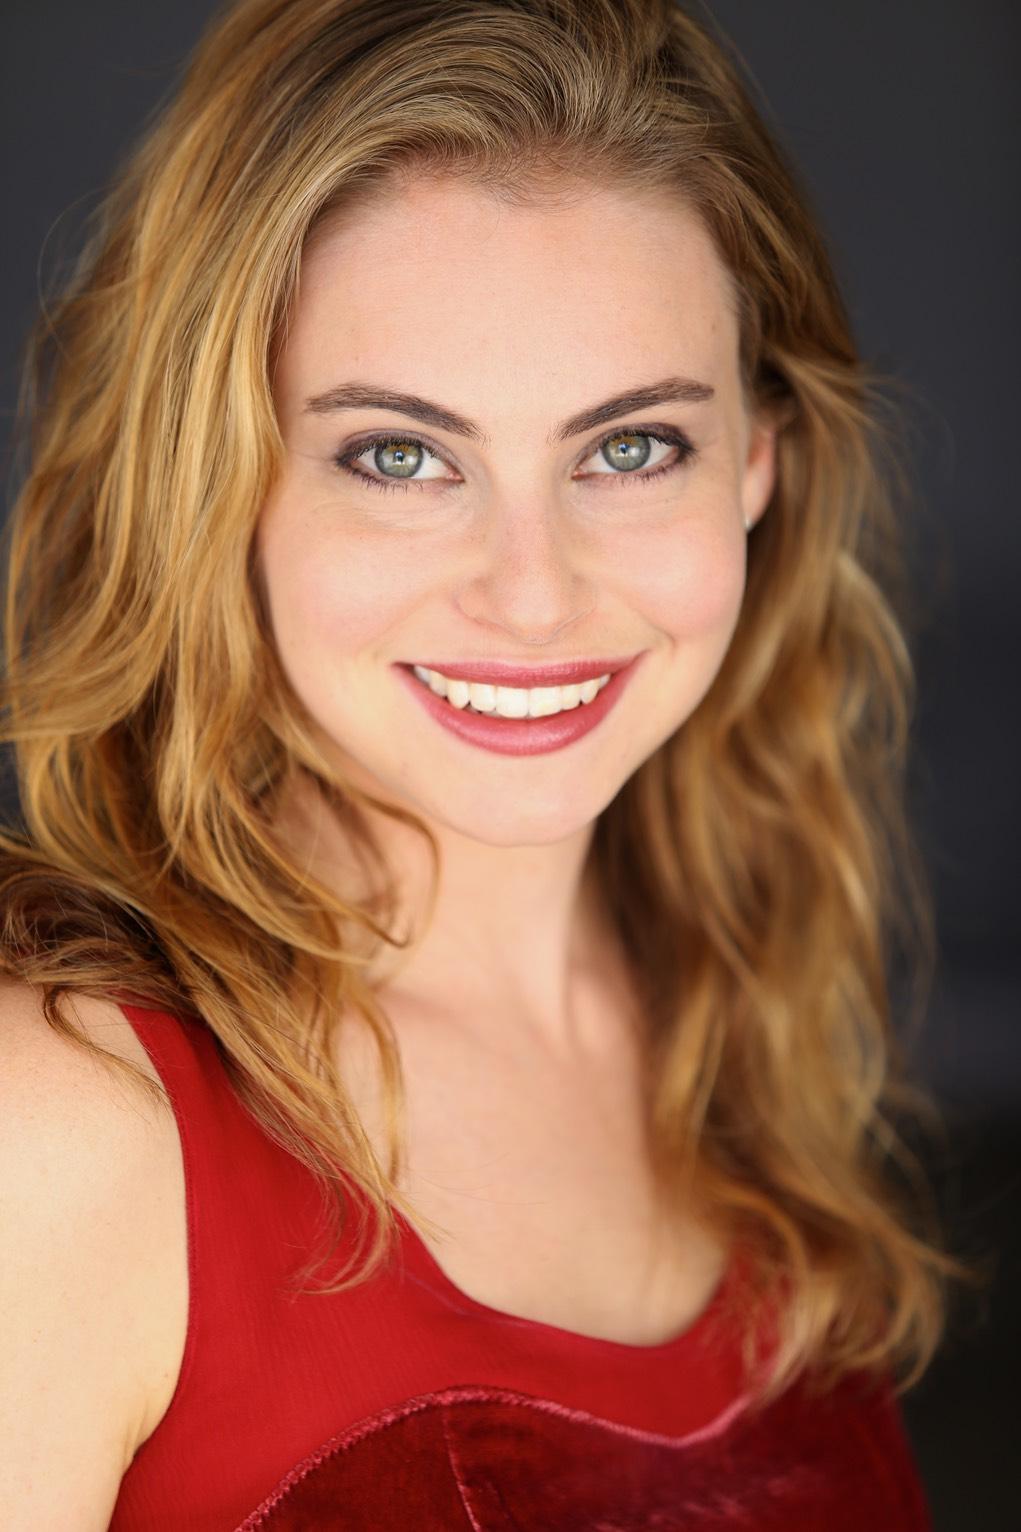 Alicia Rose Ivanhoe